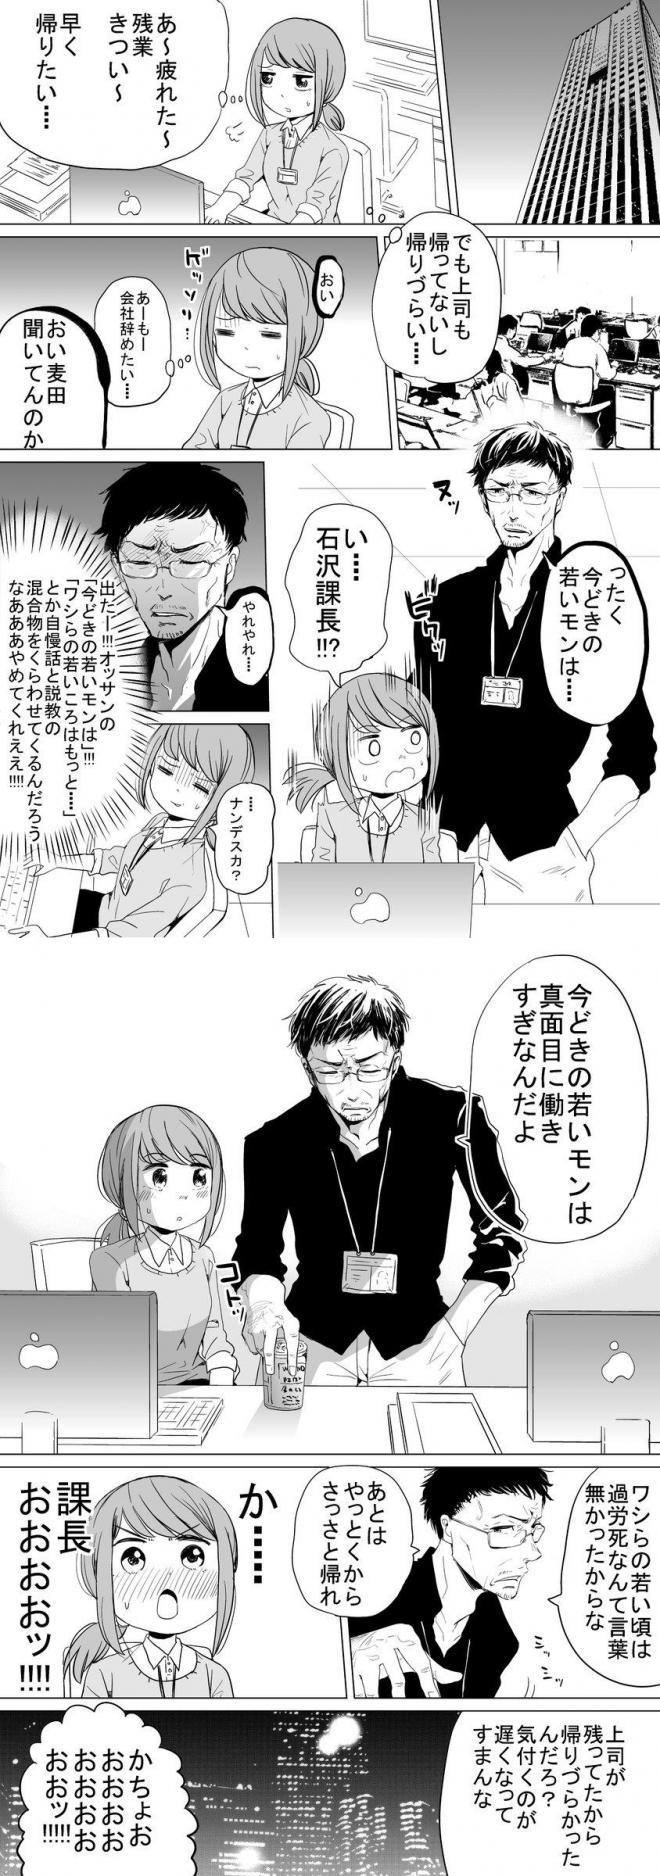 漫画「今どきの若いモンは(1)」